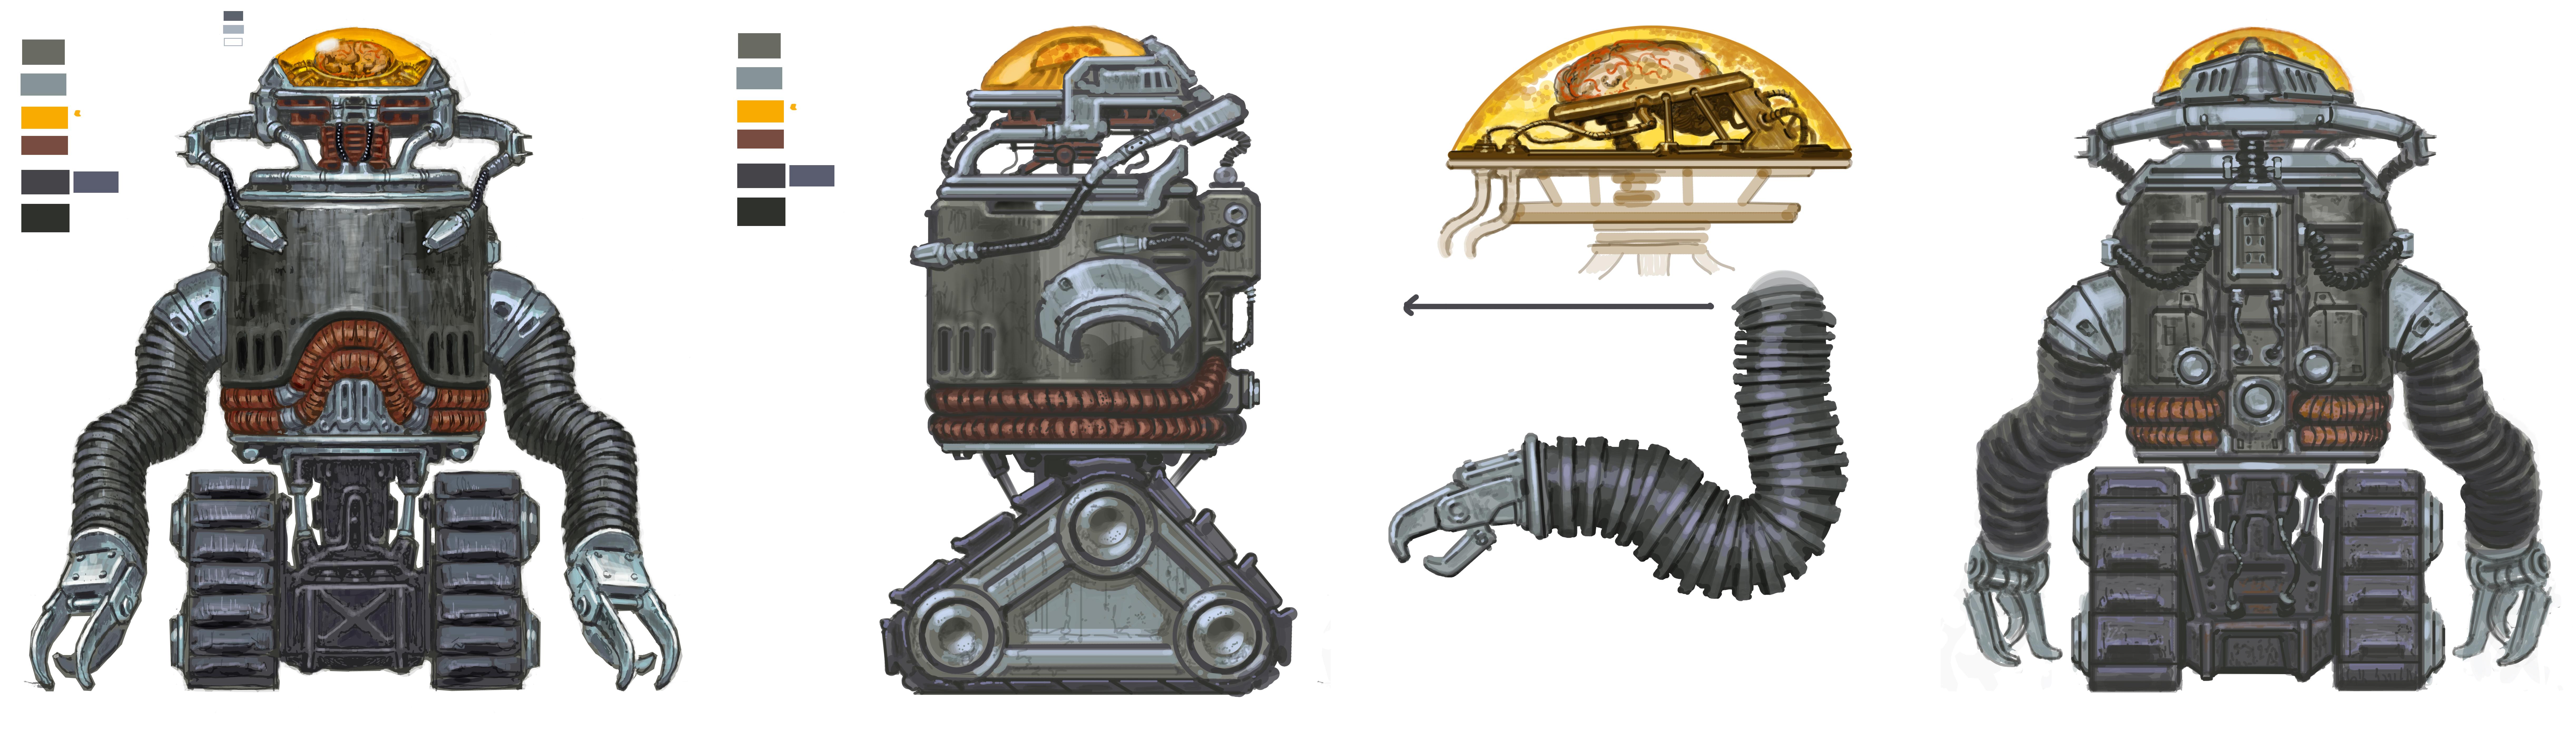 Как сделать робота в fallout shelter на